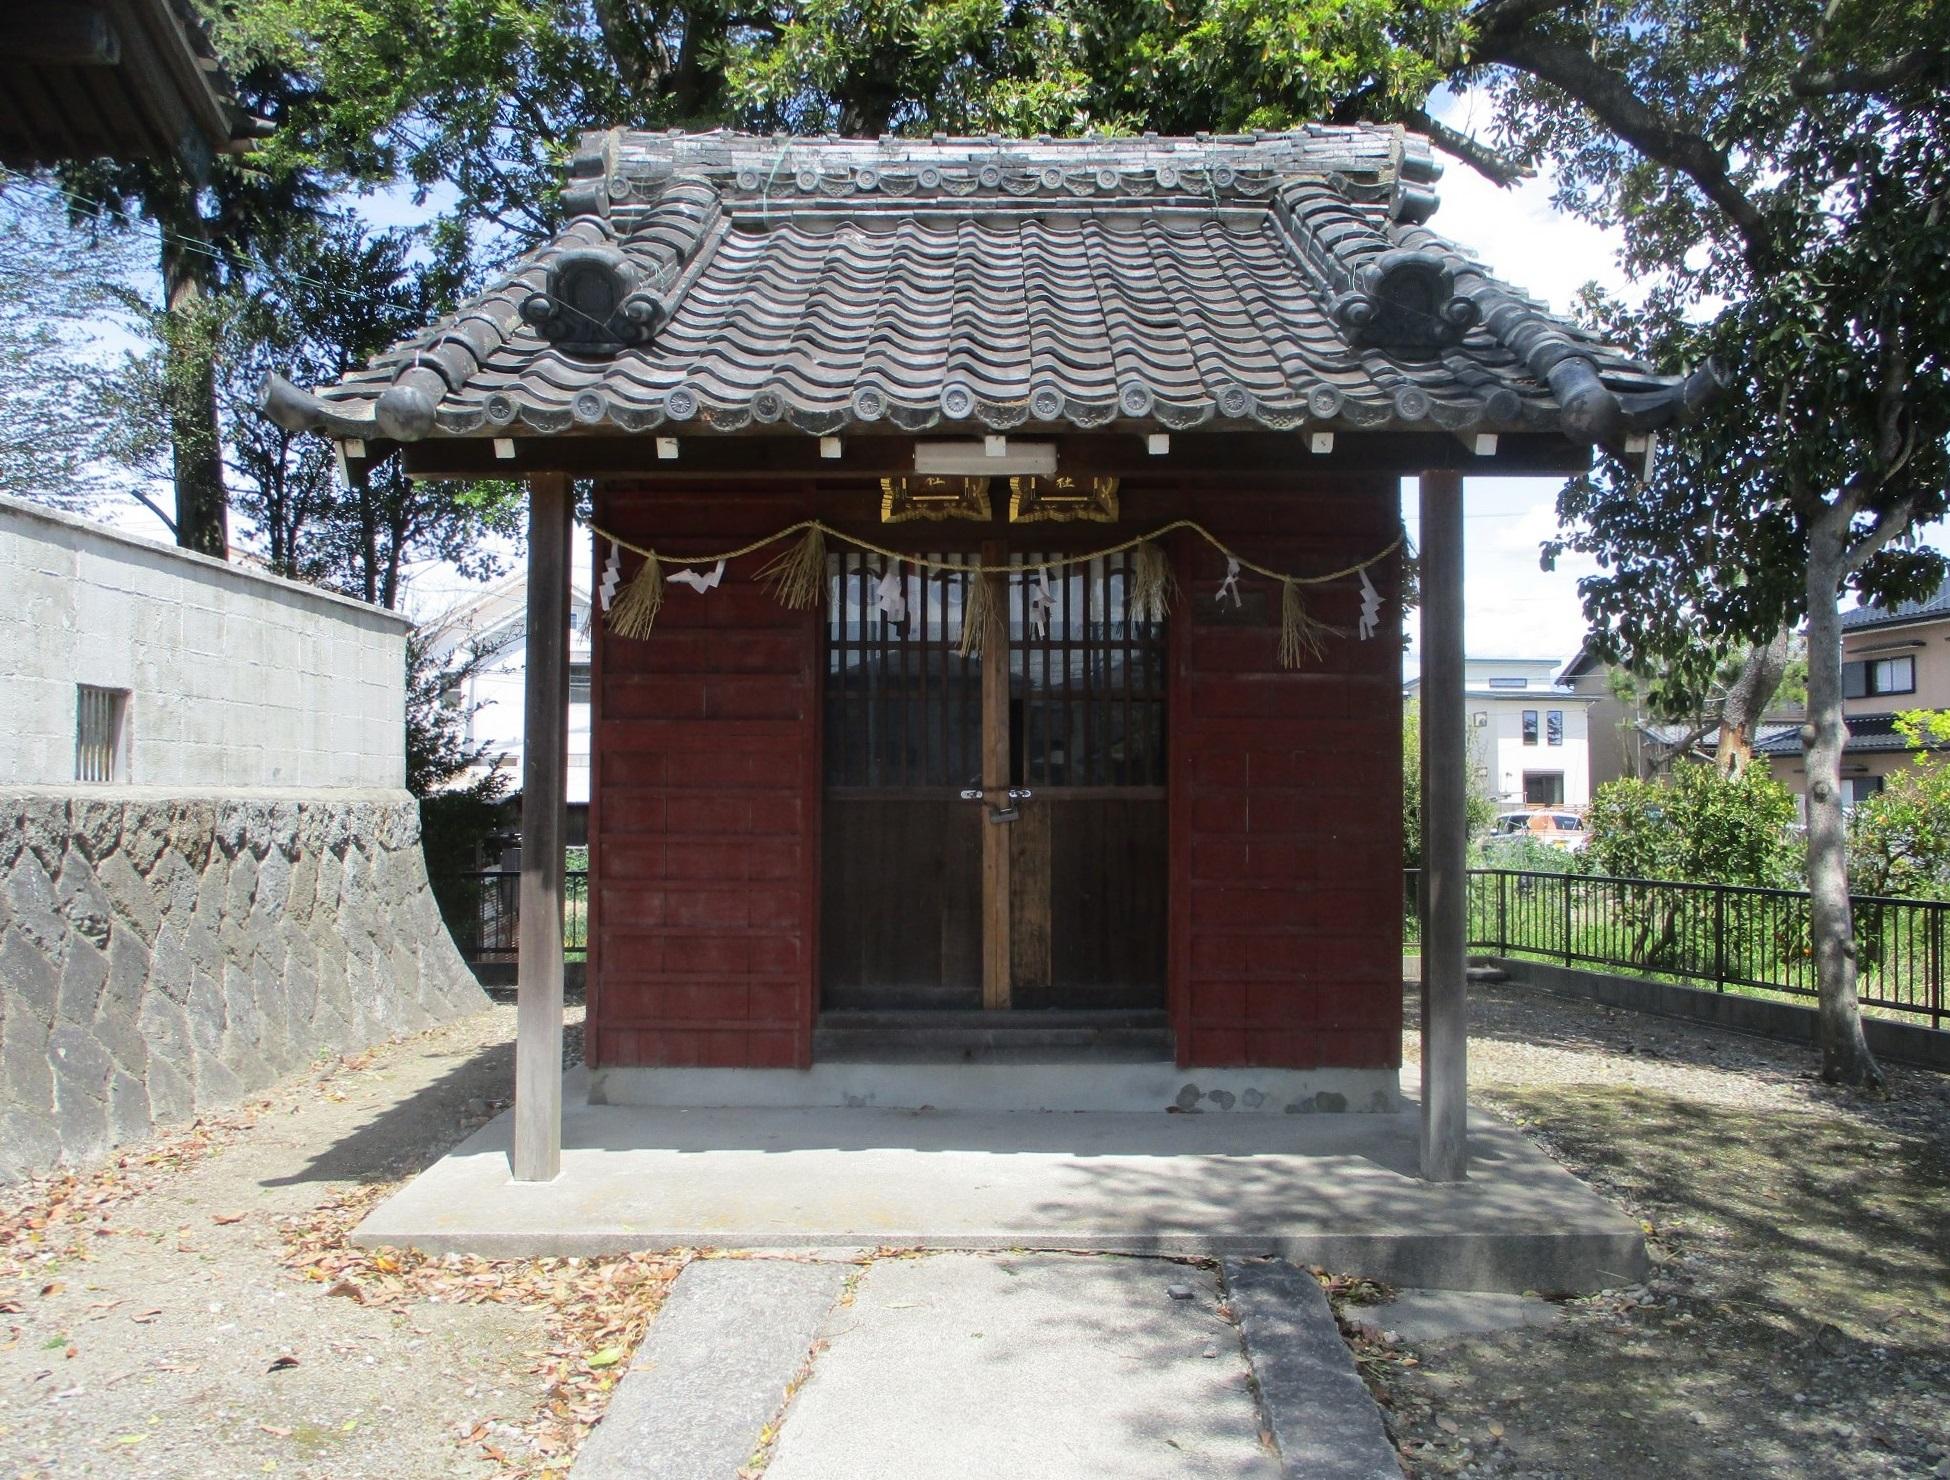 2020.4.22 (2) 社宮司社 - 天王社と摩利支天社 1950-1480